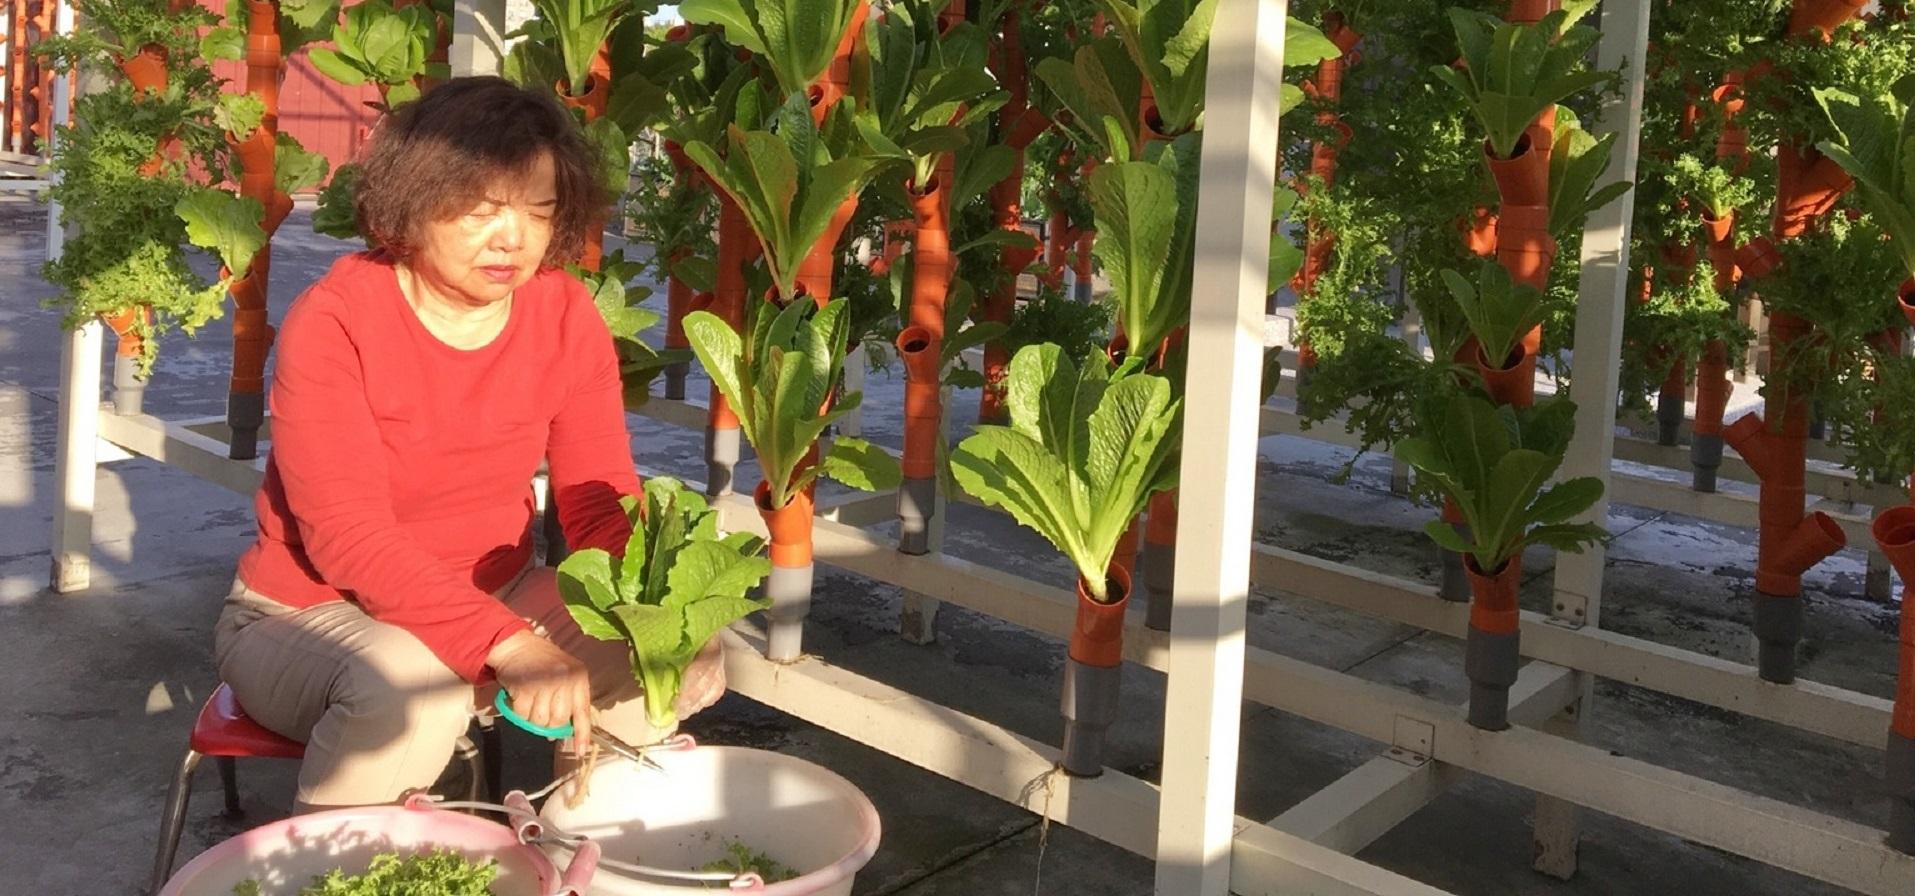 阿公、阿嬤屋頂蓋開心農場 還製作短片臉書分享